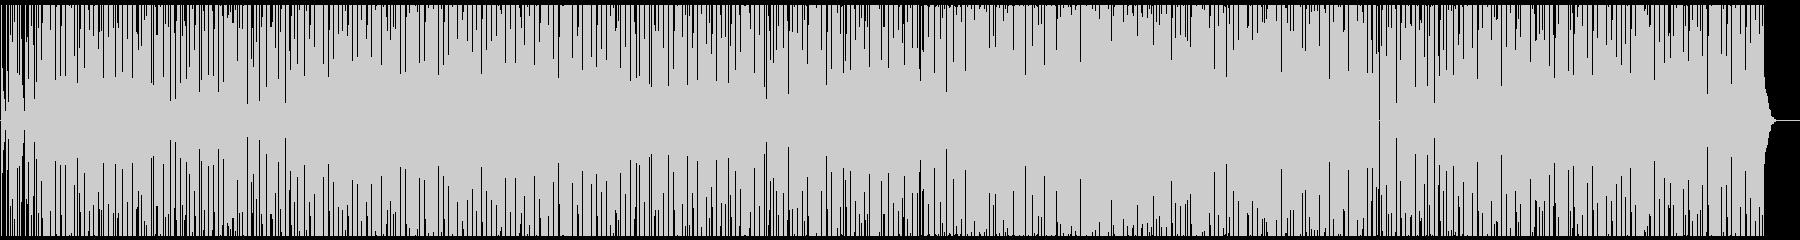 ブレイクビート ドラマチック 移動...の未再生の波形